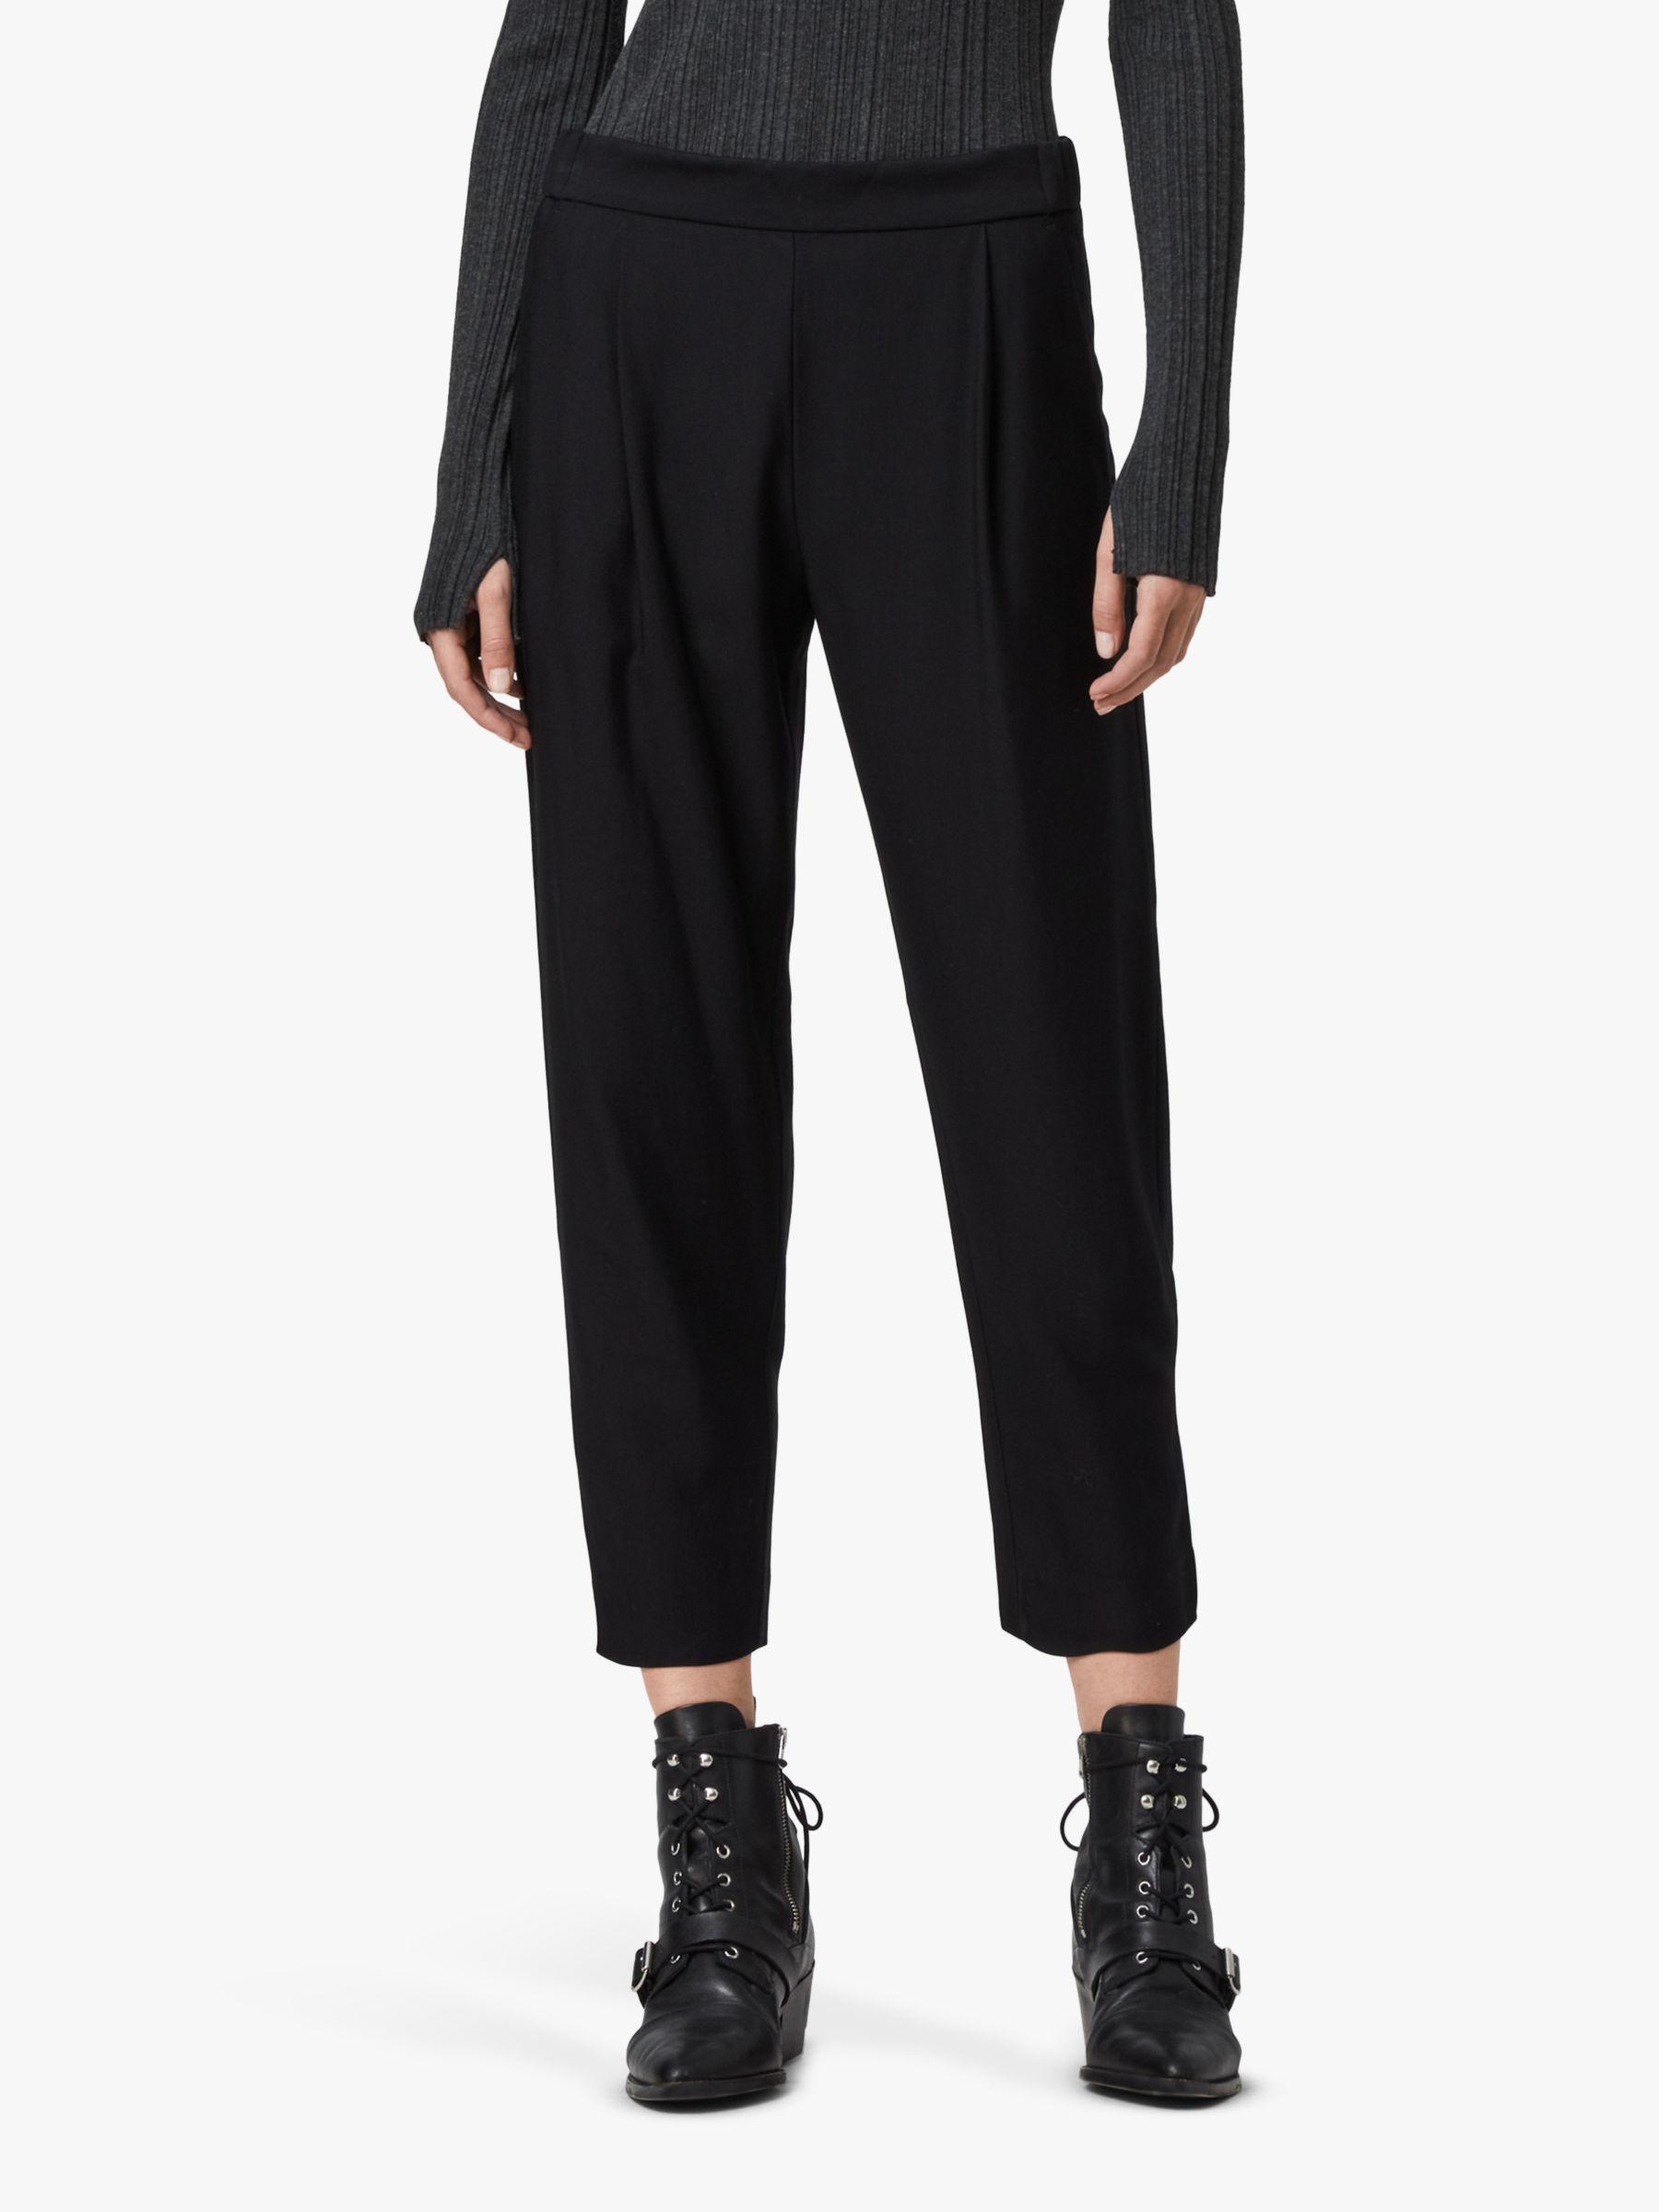 AllSaints AllSaints Aleida Trousers, Black